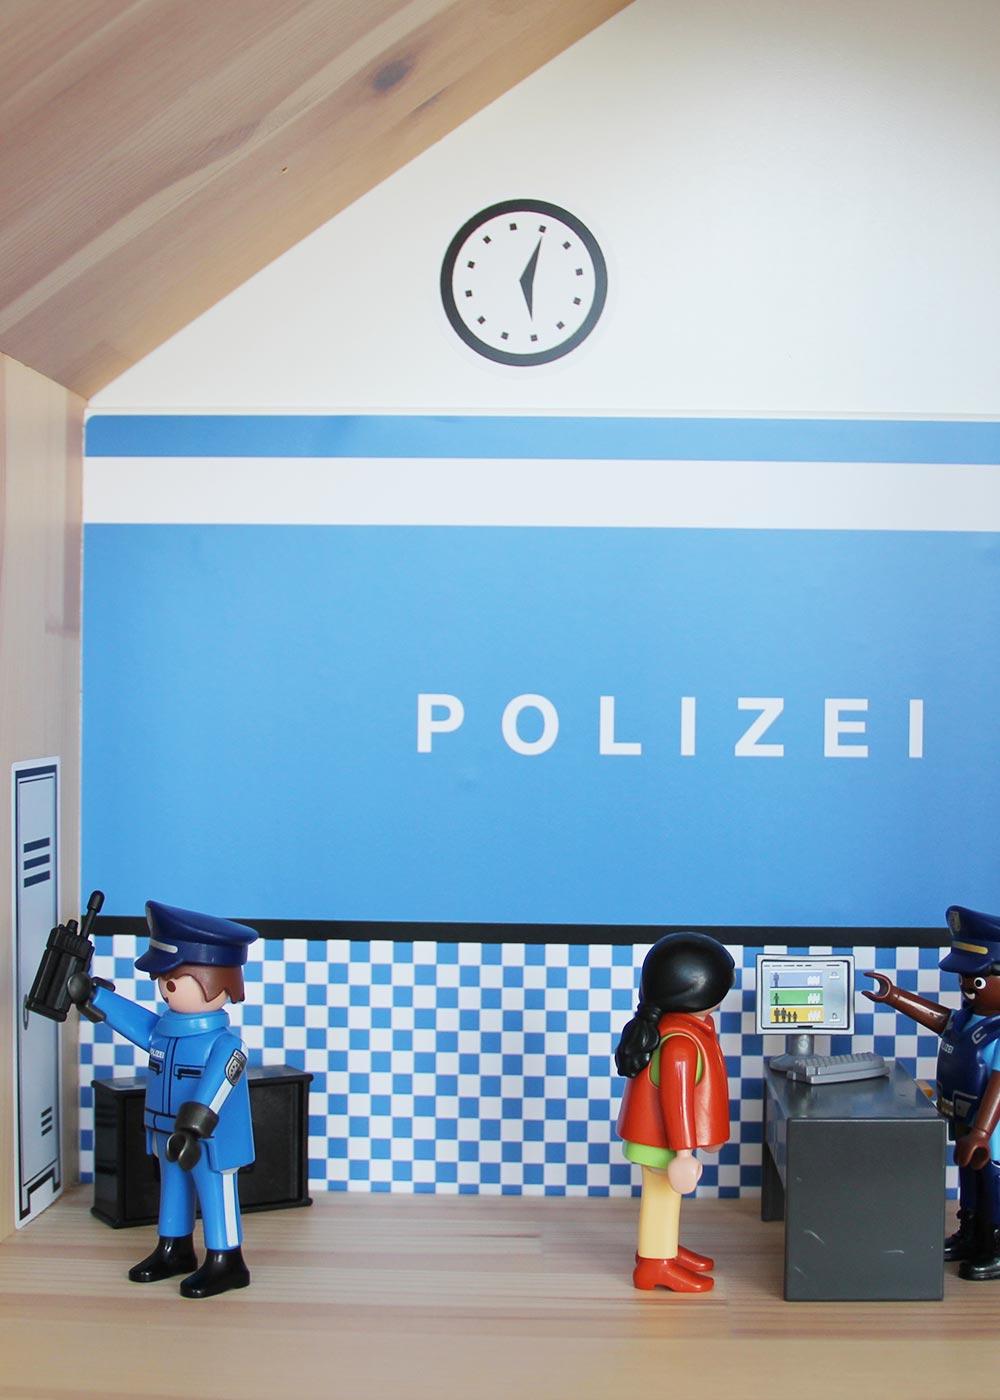 Ikea Flisat Puppenhaus Tapete Polizei Teilansicht